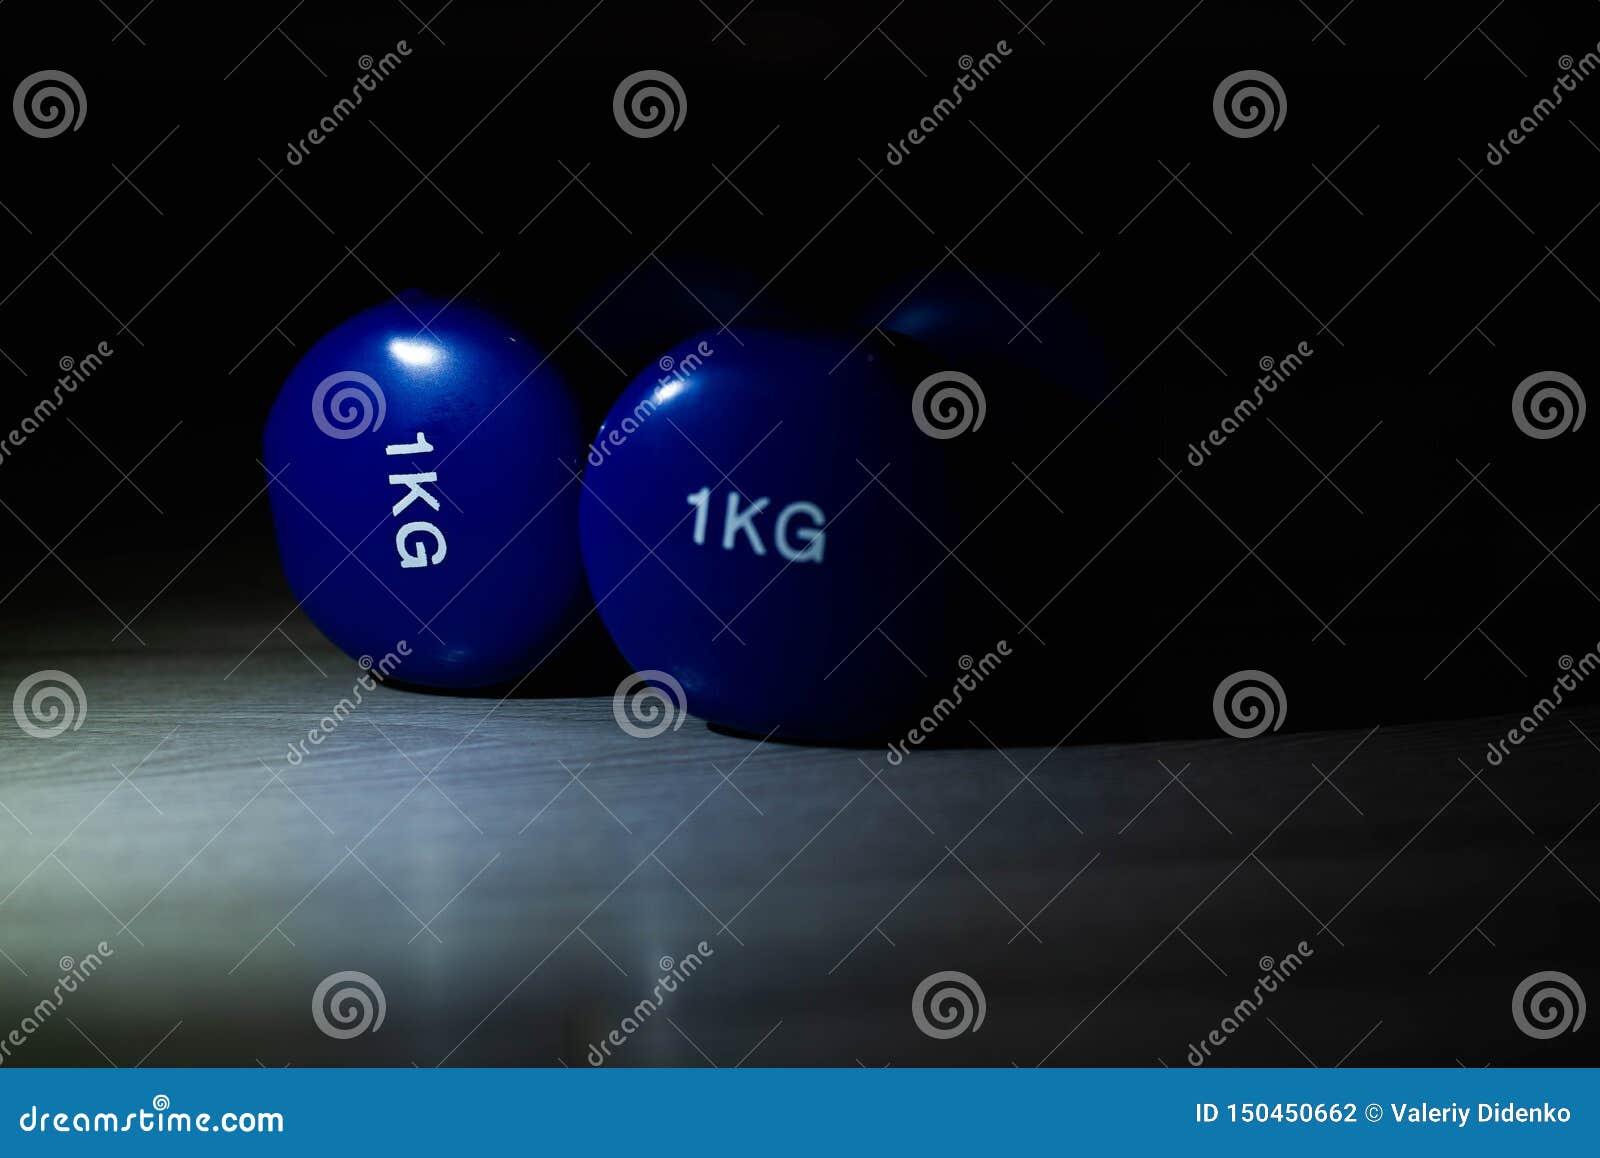 Blue dumbbells on the floor